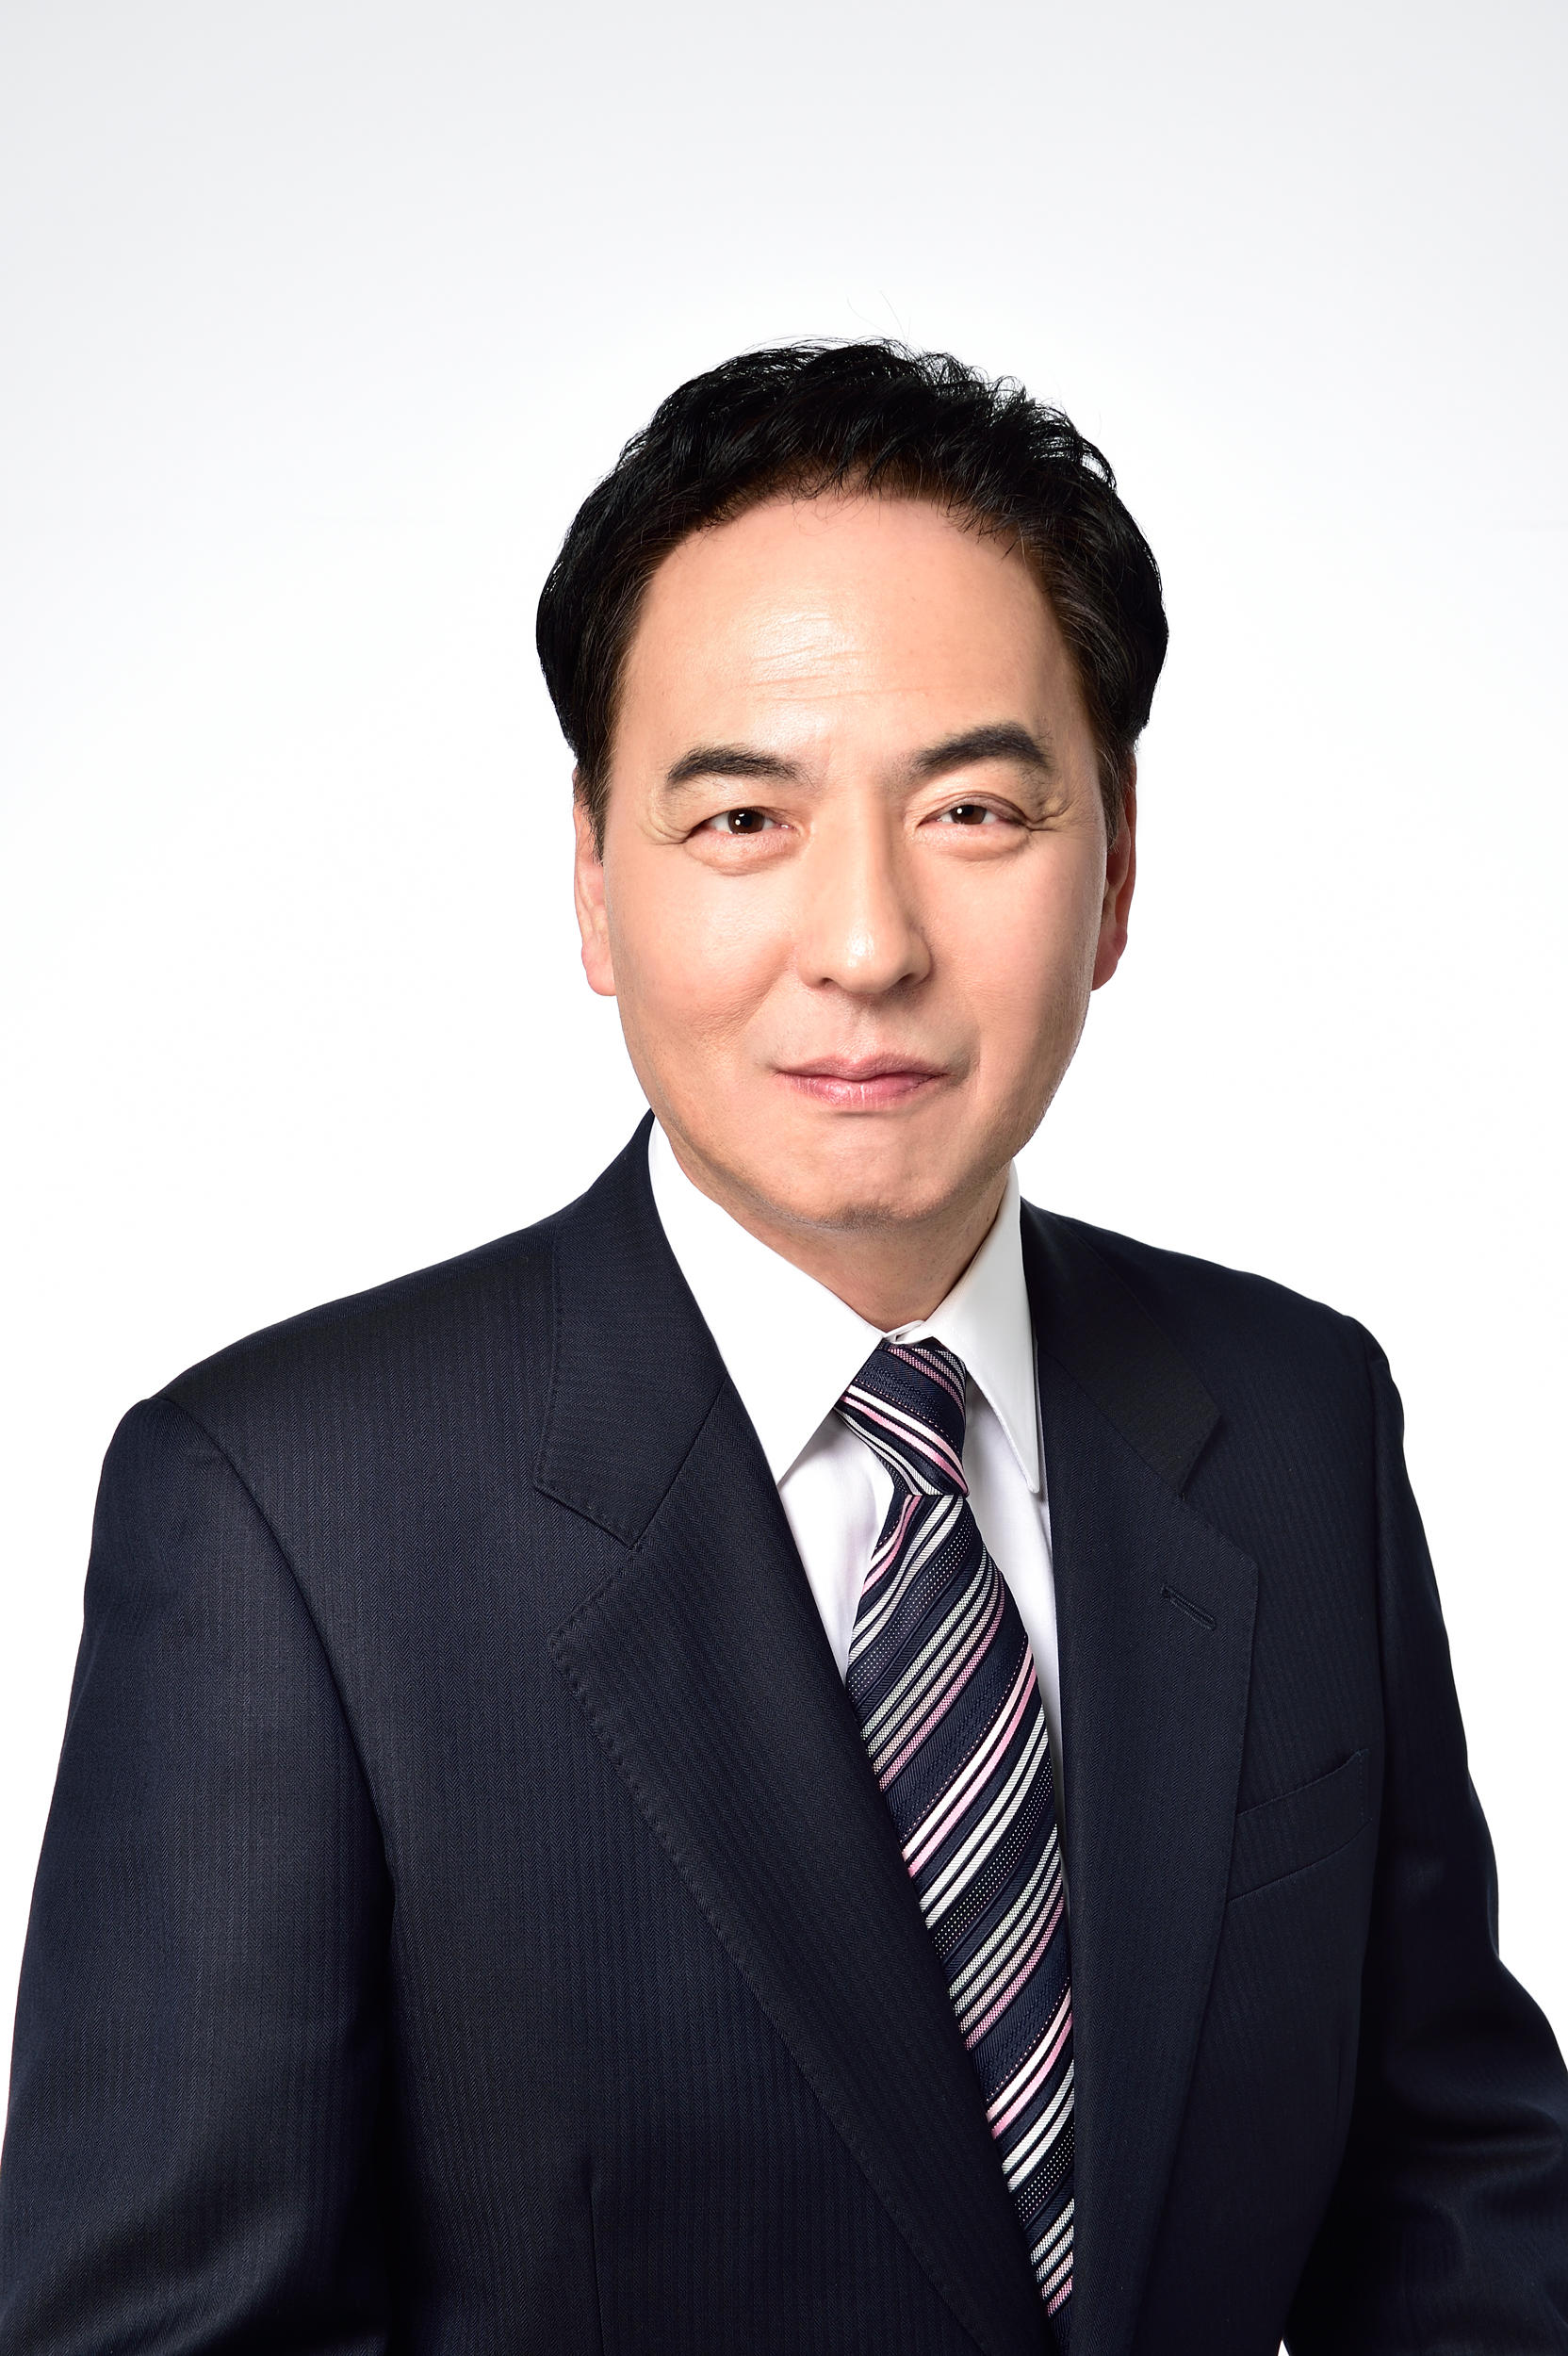 ラジオ日本「細川珠生のモーニングトーク」浅田均政務調査会長 生出演のお知らせ